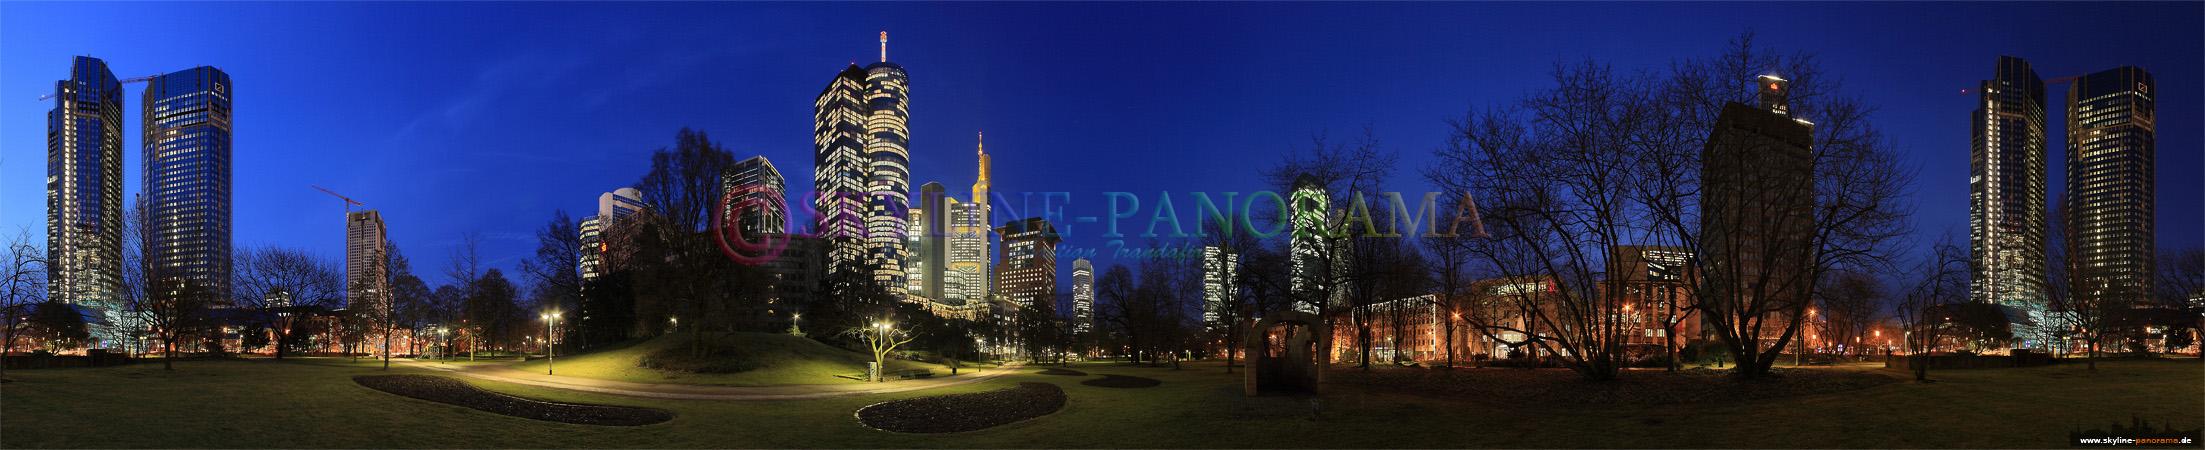 Frankfurt Bilder - Die Hochhäuser der Skyline von der Taunusanlage aus aufgenommen.